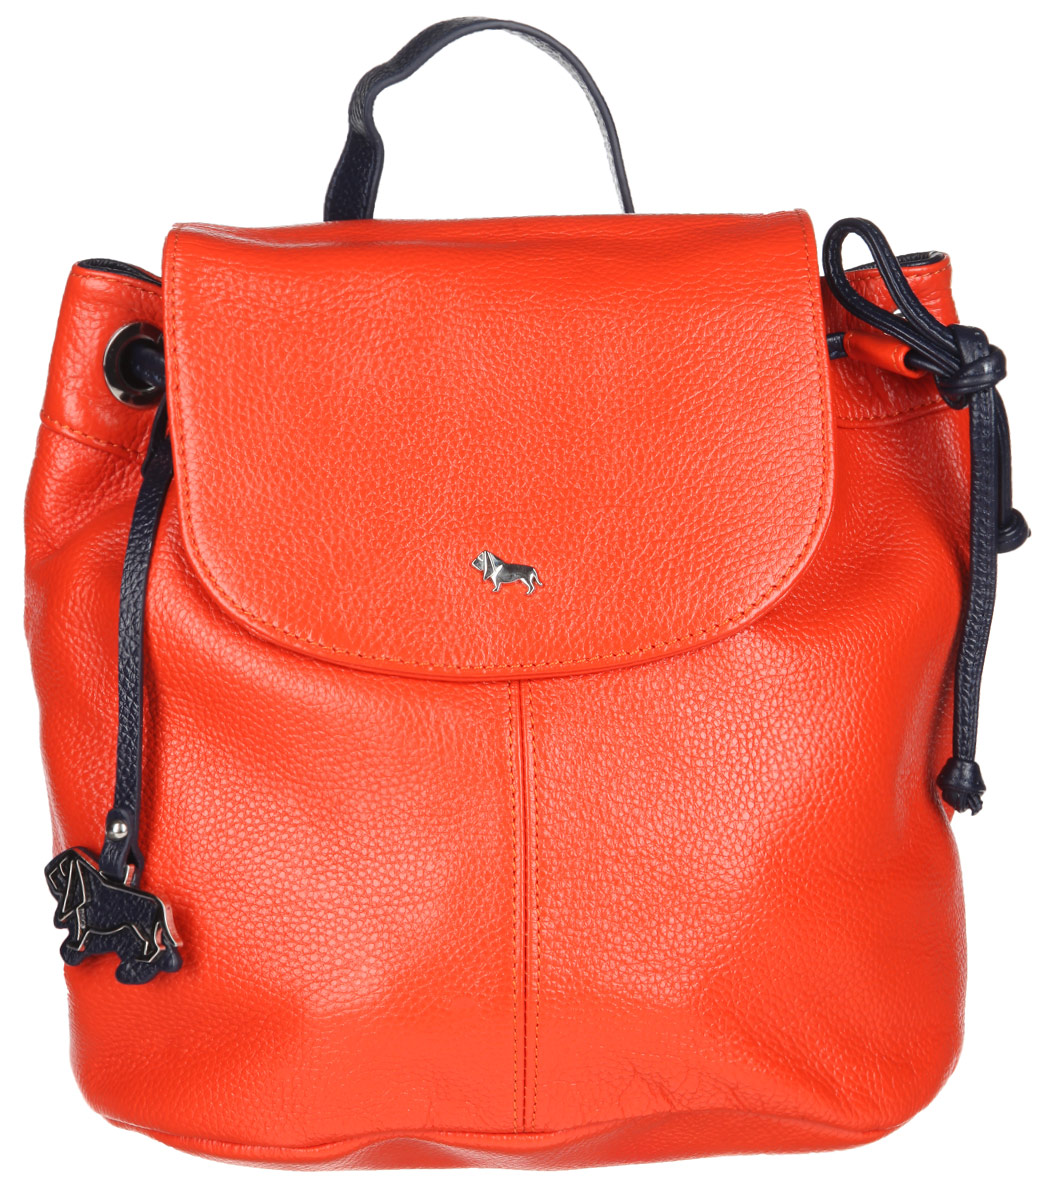 Рюкзак женский Labbra, цвет: оранжевый, темно-синий. L-9916-1BM8434-58AEСтильный женский рюкзак Labbra выполнен из натуральной кожи с фактурным тиснением. Изделие имеет одно отделение, закрывающееся на клапан с магнитом и дополнительно на затягивающийся шнурок. Внутри находится прорезной карман на застежке-молнии и два открытых накладных кармана. Снаружи, на задней стенке расположен прорезной карман на застежке-молнии. Рюкзак оснащен съемной лямкой, регулируемой по длине, которая позволяет носить изделие на плечах, или в руках, как сумку. Изделие украшено фирменным брелоком. В комплект входит фирменный чехол для хранения. Стильный рюкзак Labbra прекрасно дополнит ваш образ.